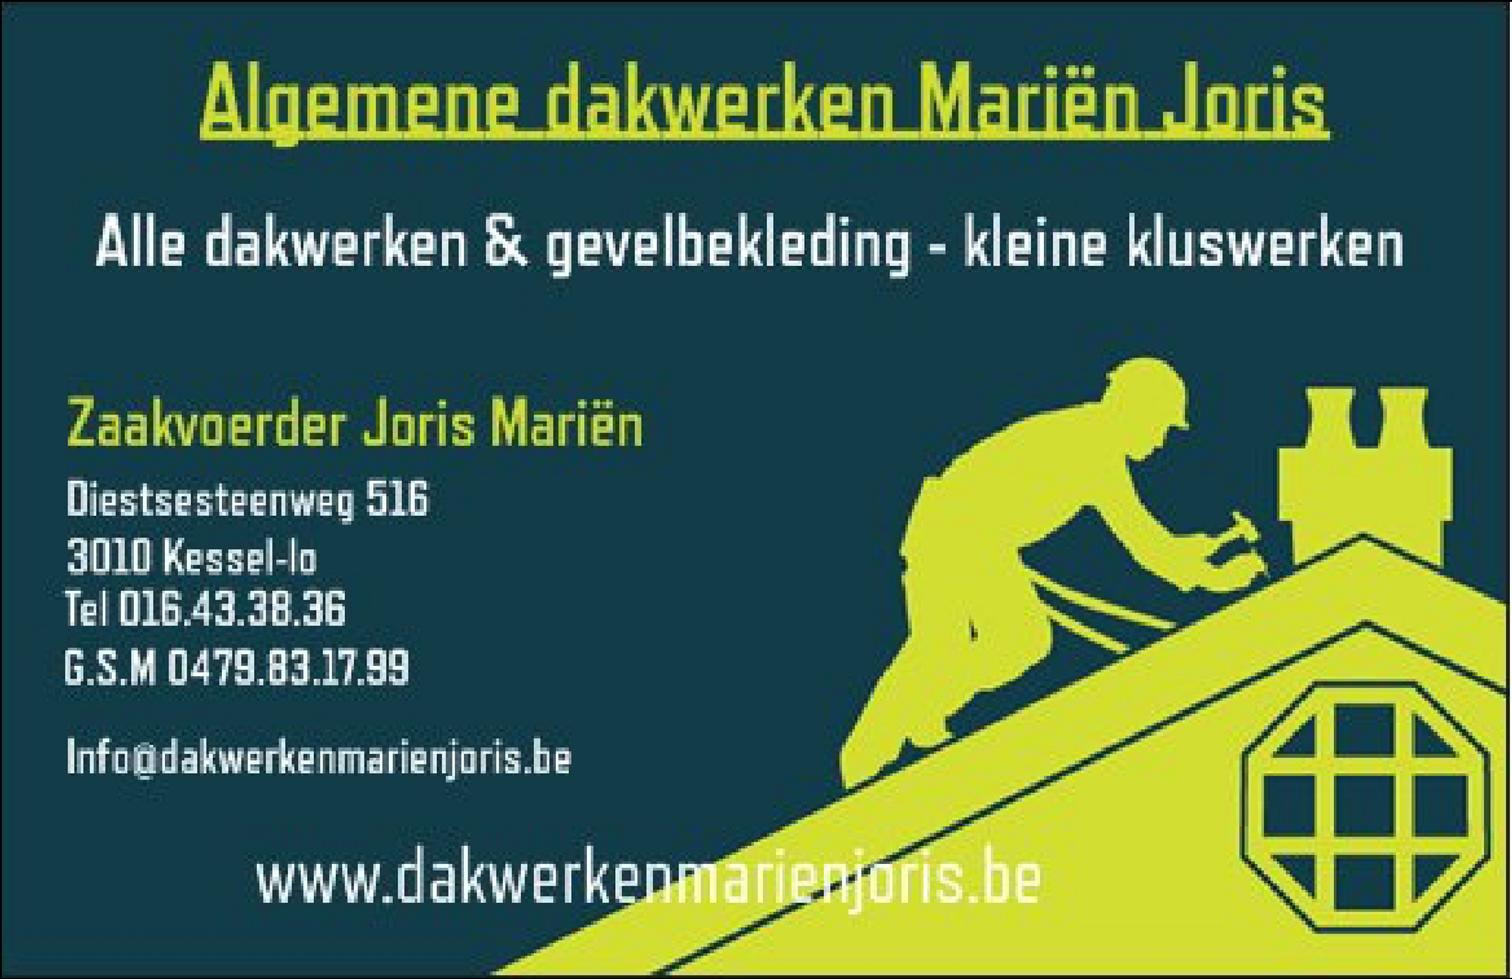 logo Algemene Dakwerken Mariën Joris